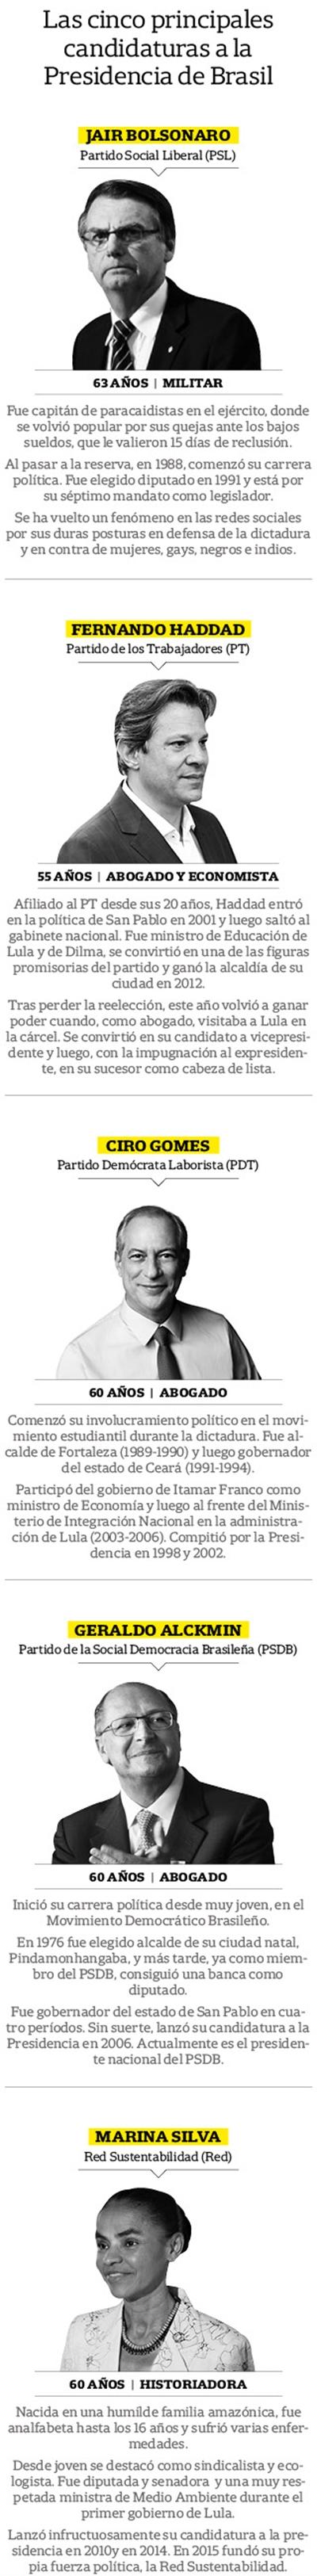 Candidatos a Presidentes brasileños